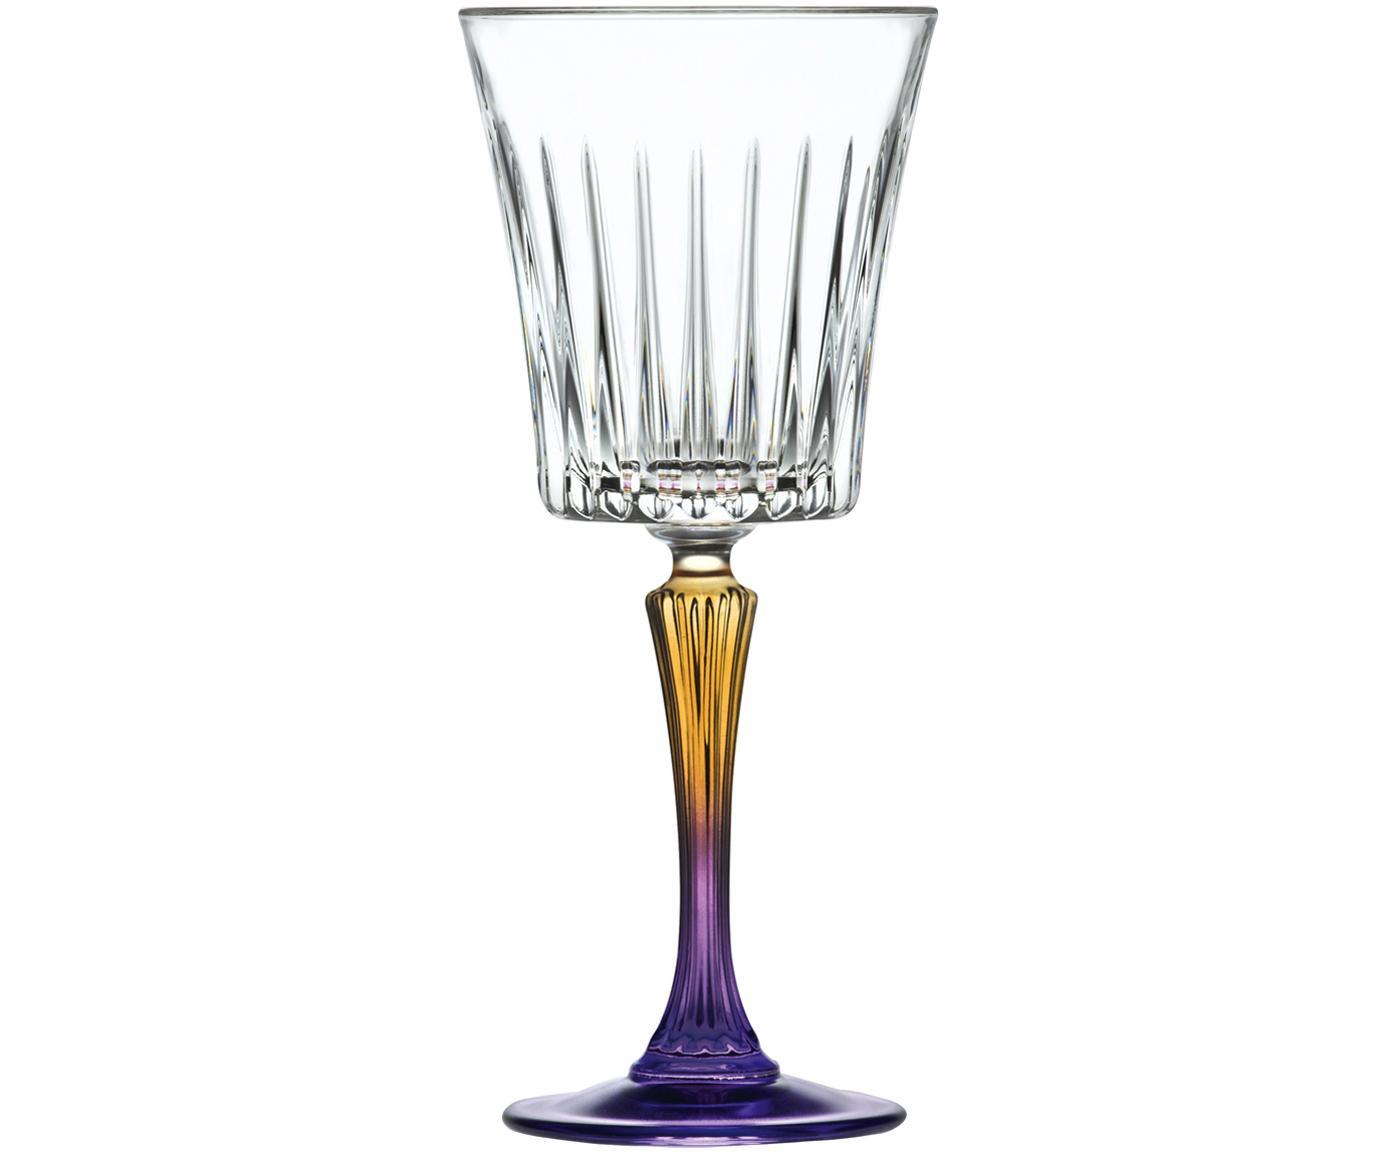 Kristall-Weißweingläser Gipsy mit zweifarbigem Stiel, 6er-Set, Luxion-Kristallglas, Transparent, Gelbgold, Lila, Ø 9 x H 21 cm